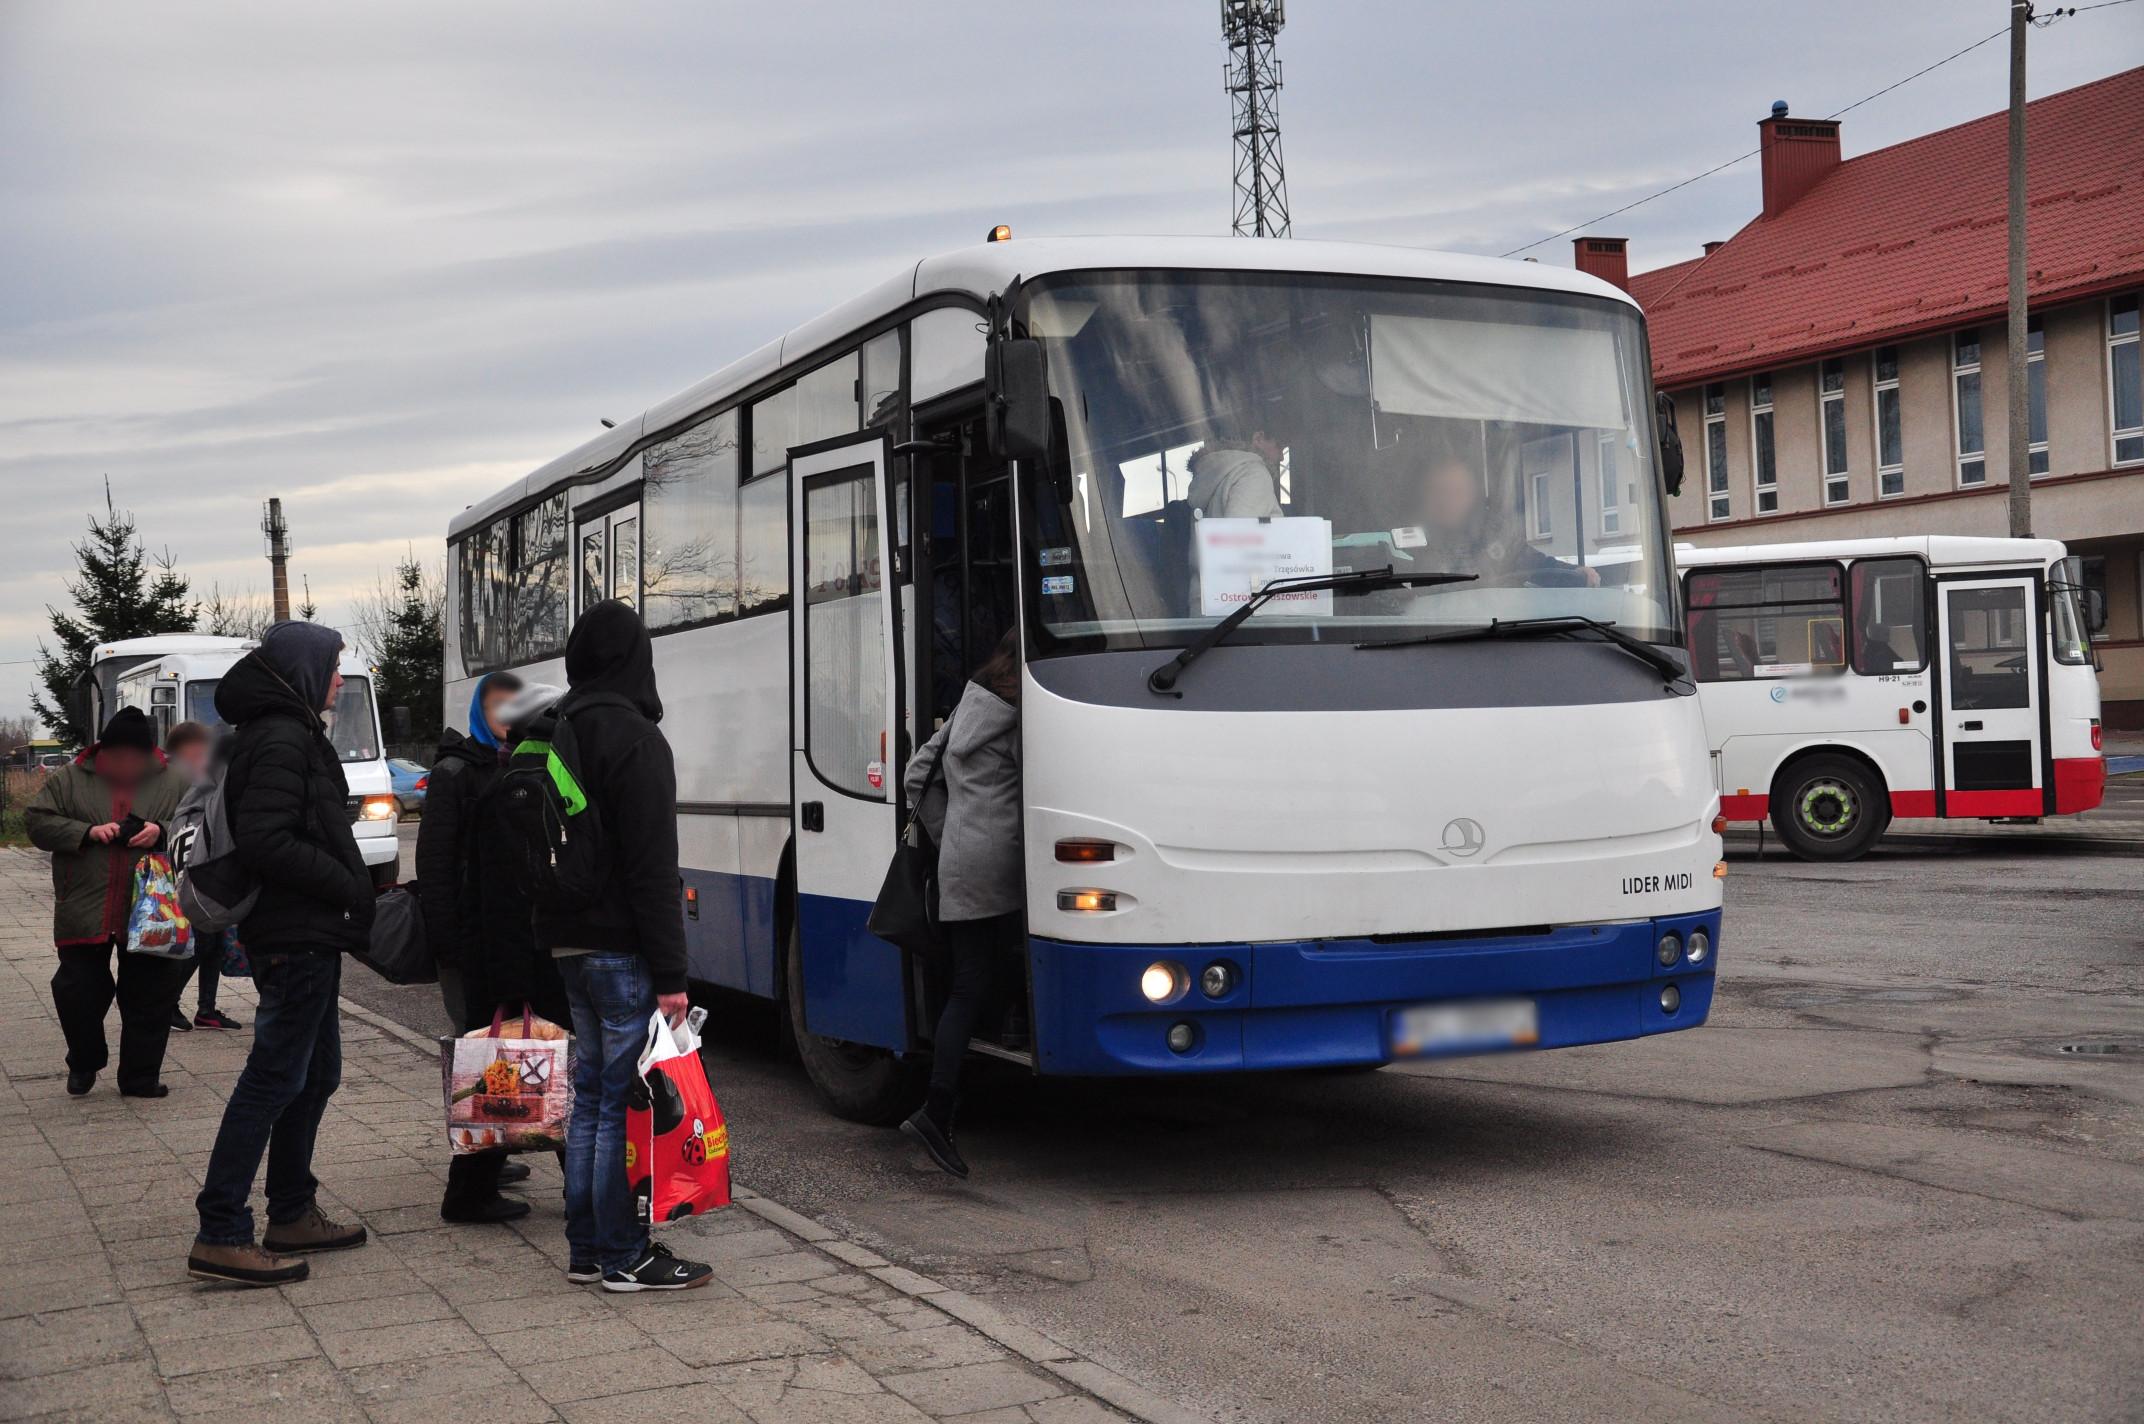 Podatek transportowy w gminie Cmolas okazuje się być jednym z najdroższych w okolicy. Czy to znaczy, że przedsiębiorcy będą uciekać z Cmolasu i przenosić swoje firmy gdzie indziej? - Zdjęcie główne